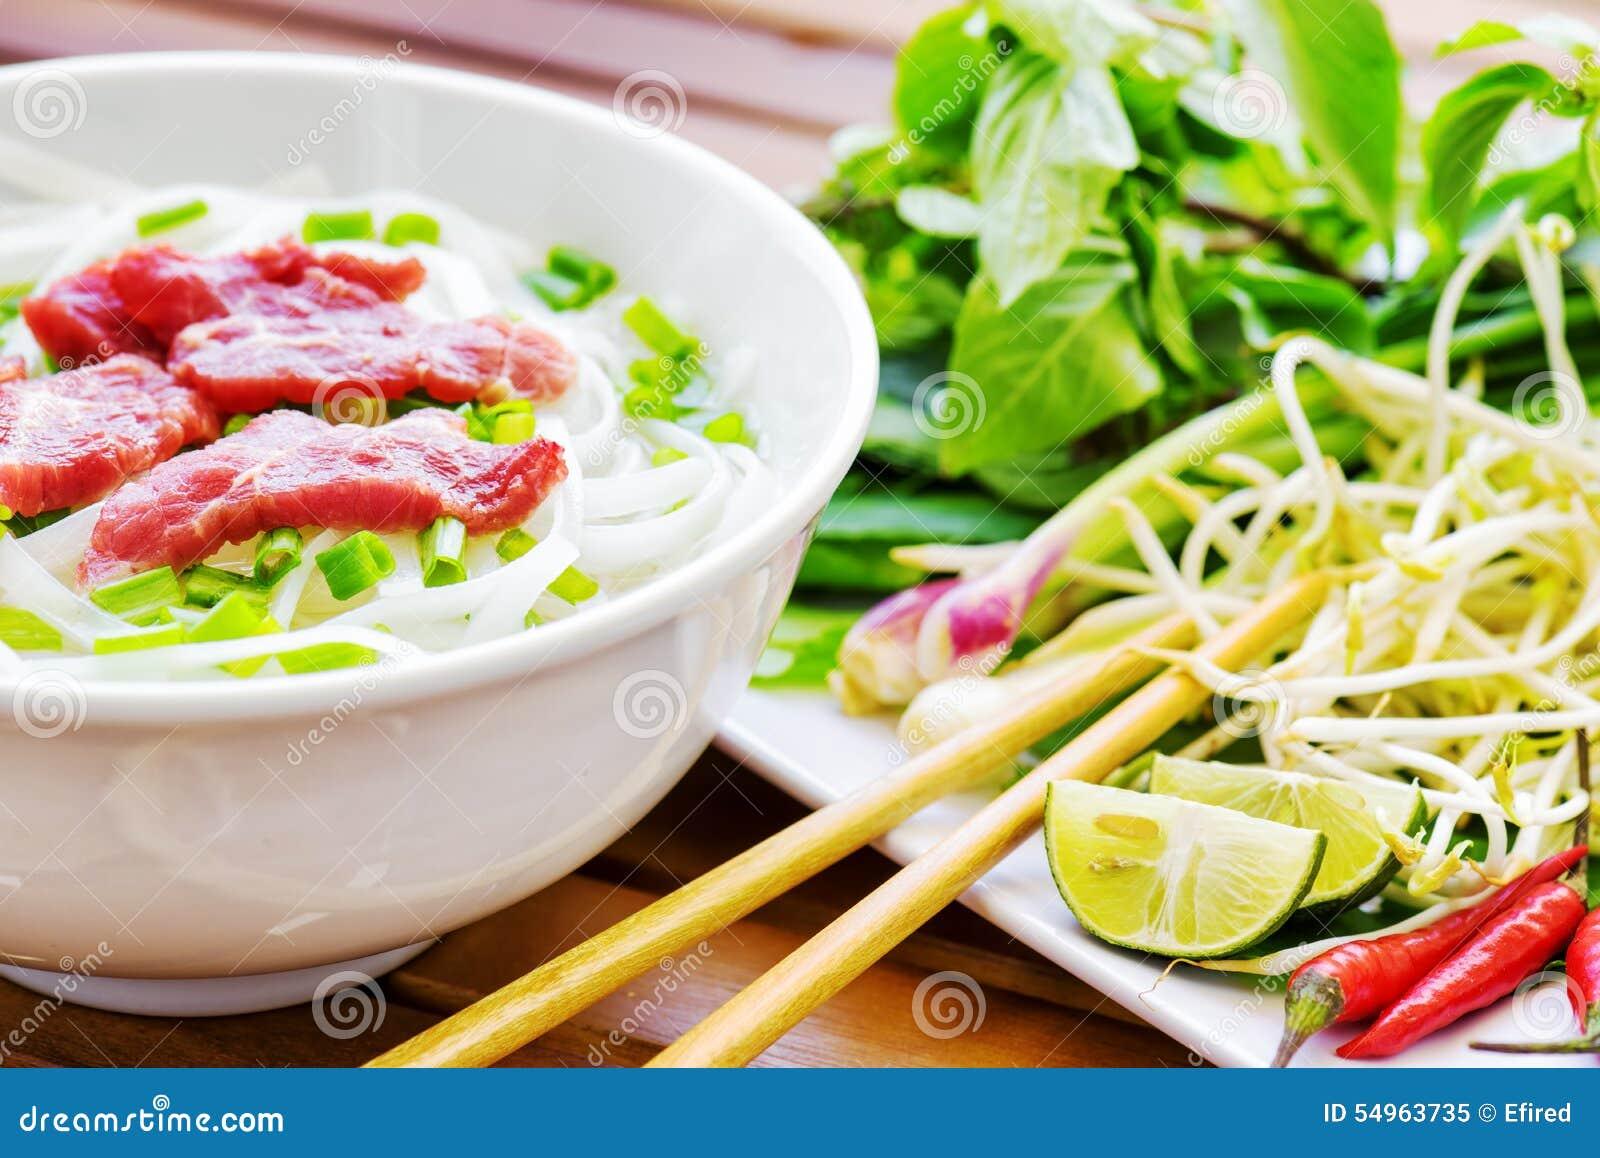 Phoen Bo är en nötköttnudelsoppa Populär gatamat i Vietnam